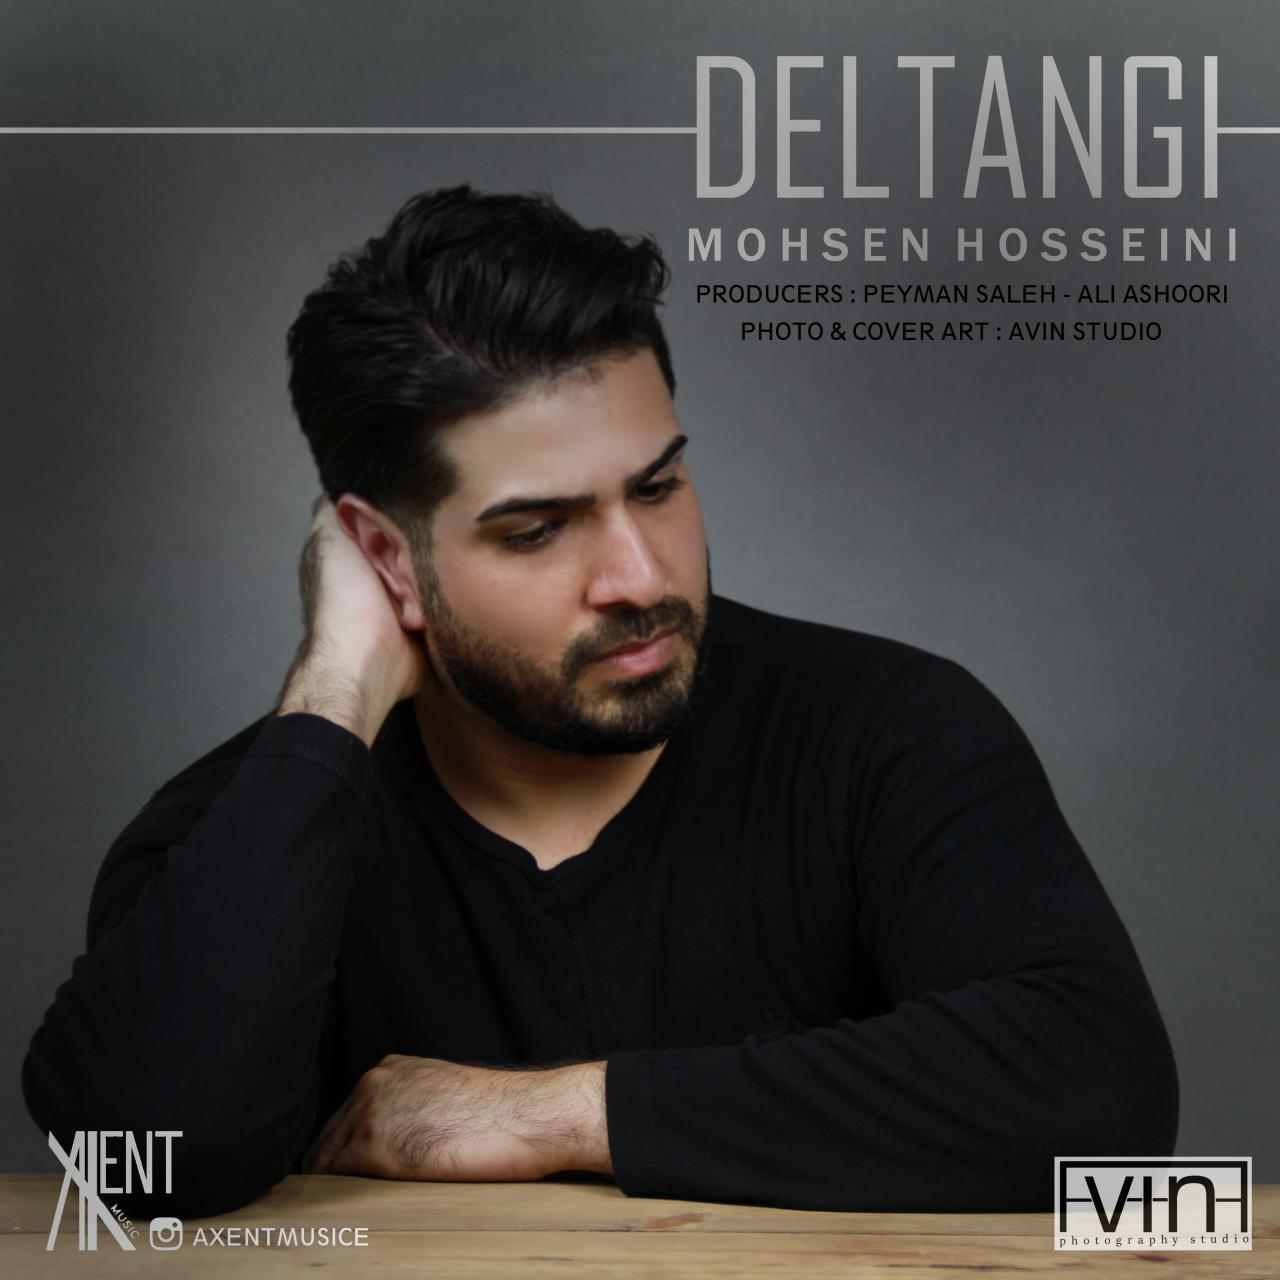 Mohsen Hosseini – Deltangi